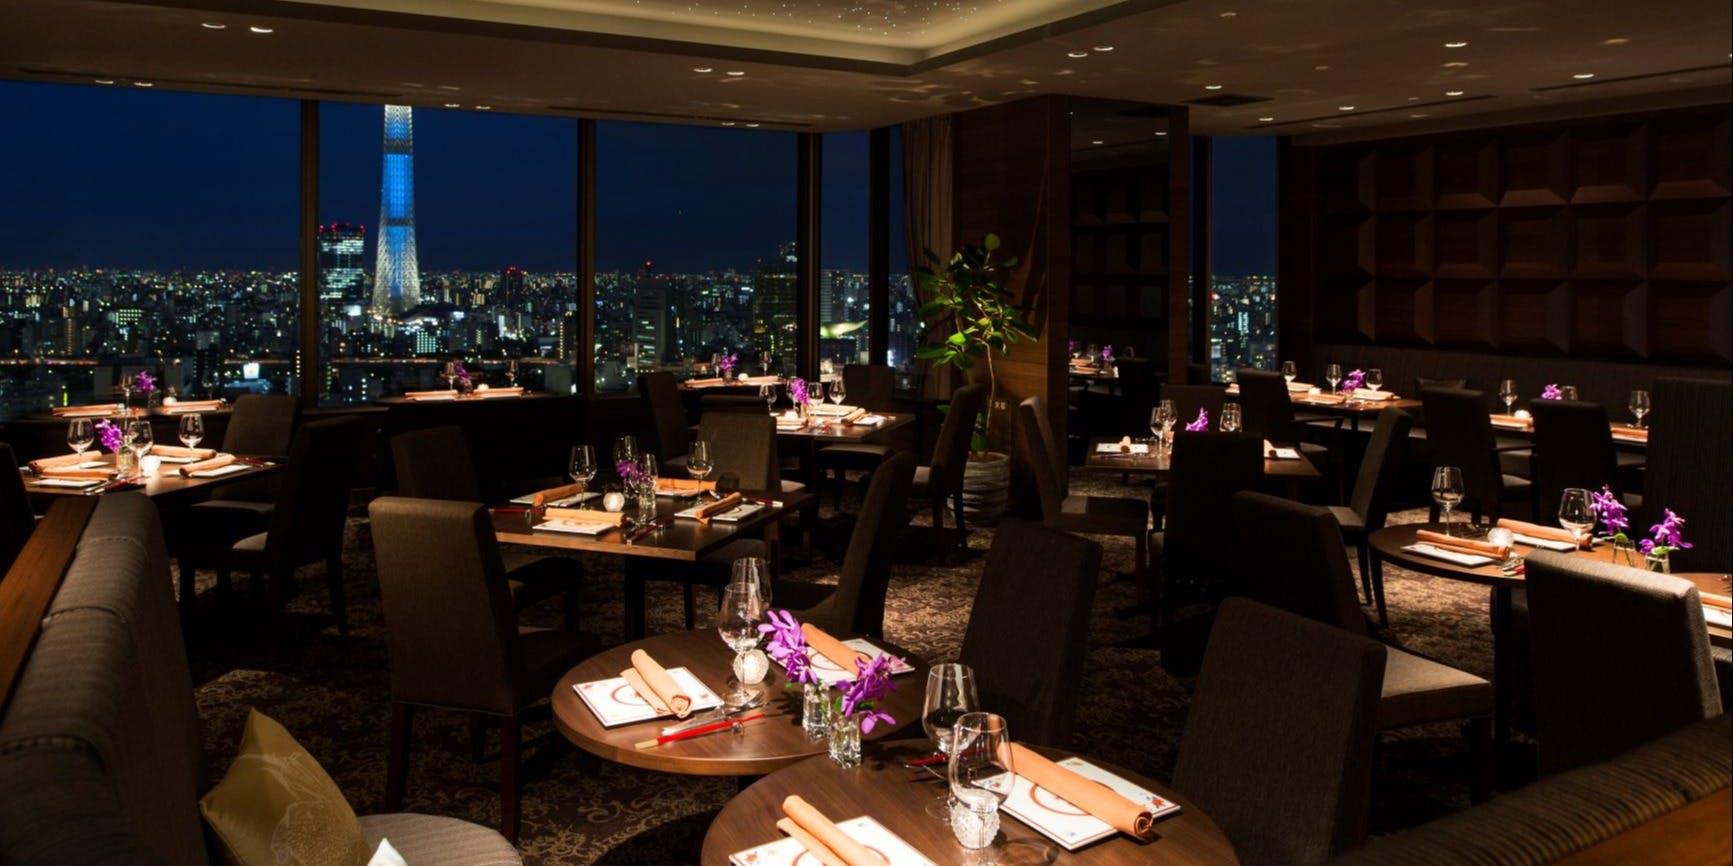 記念日におすすめのレストラン・THE DINING シノワ 唐紅花&鉄板フレンチ 蒔絵/浅草ビューホテル27Fの写真2